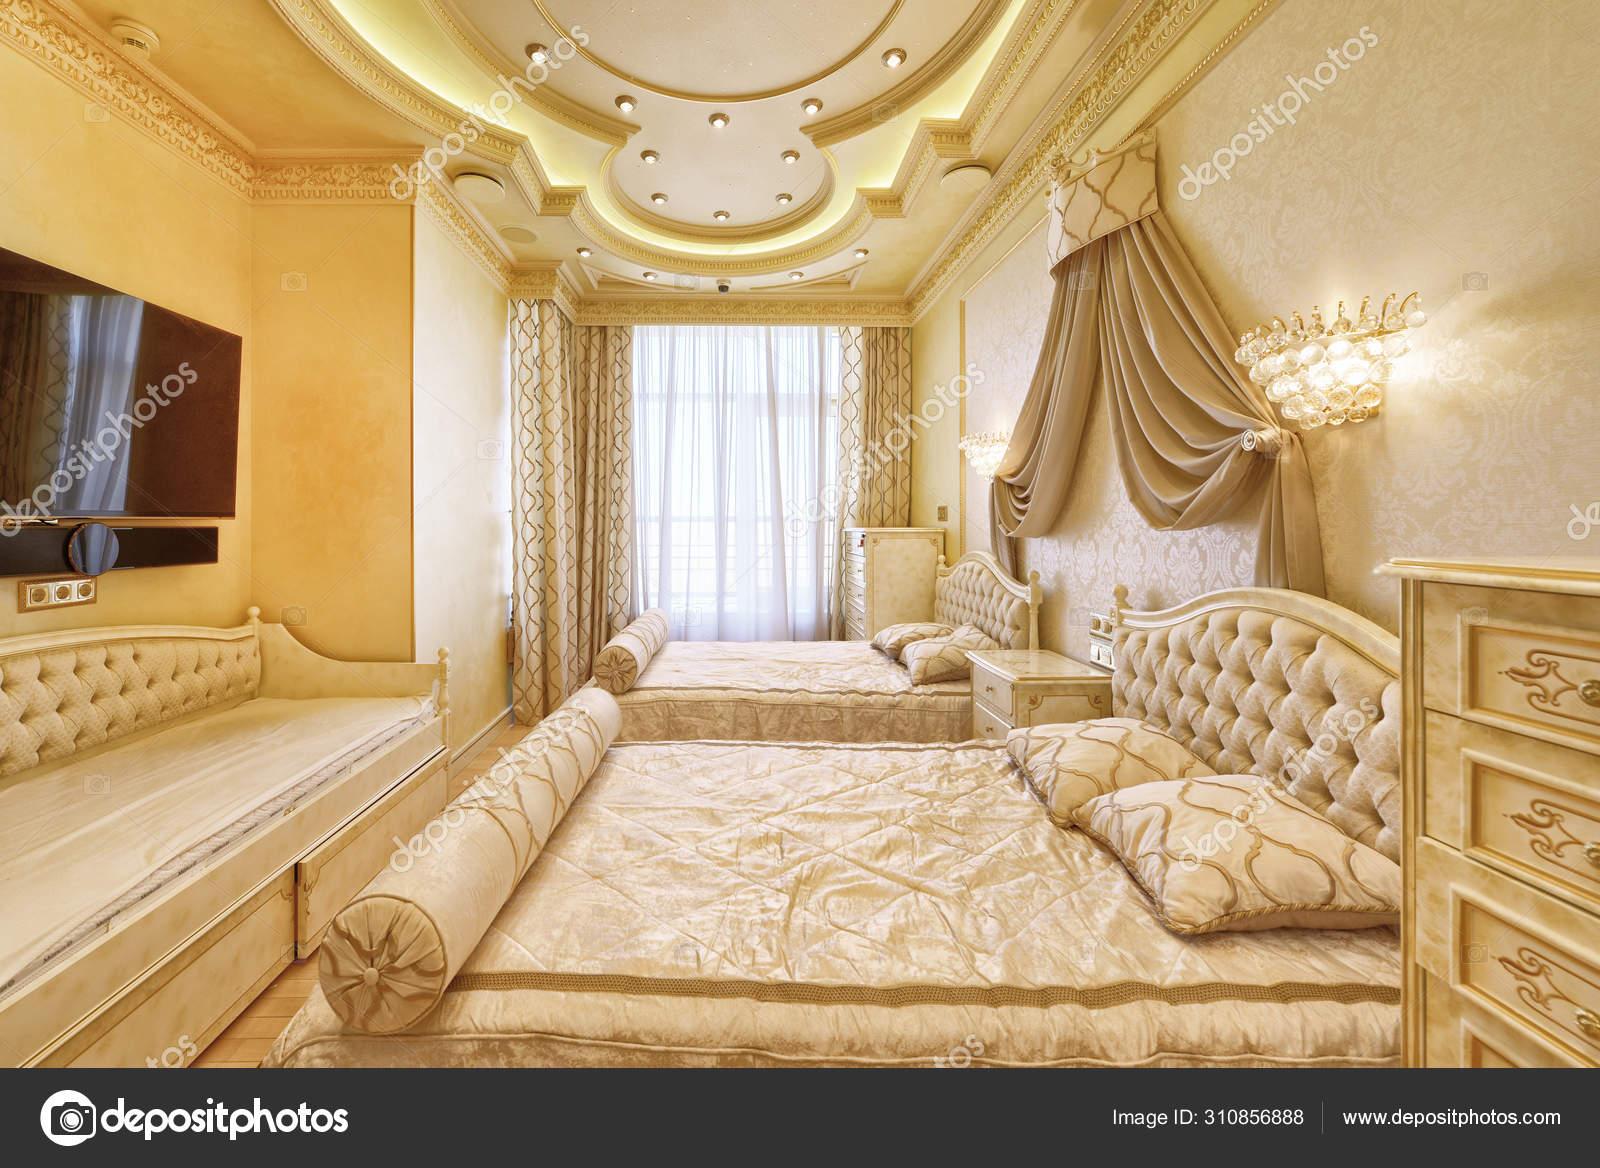 Interior Luxurious Rumah Modern Desainer Renovasi Modern Sebuah Rumah Mewah Stok Foto C Ovchinnikovfoto 310856888